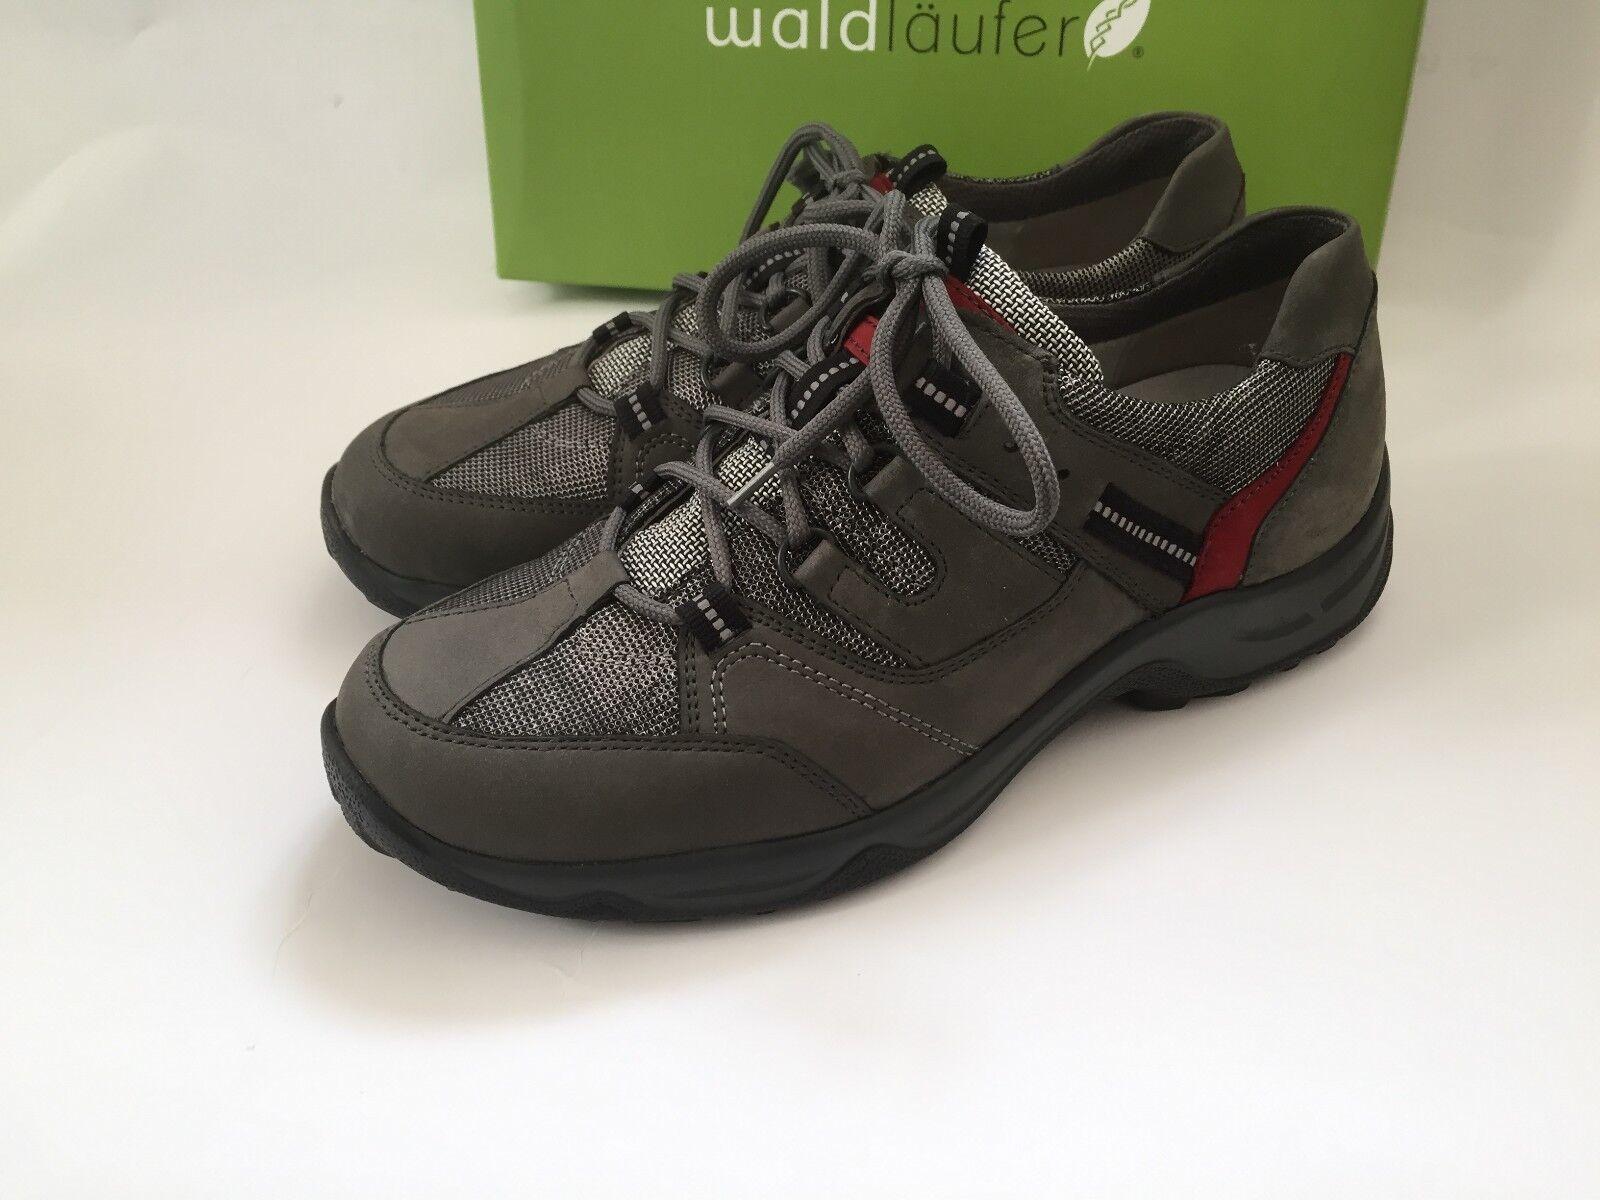 Trekking-Outdoor Schuh Größe 37 5